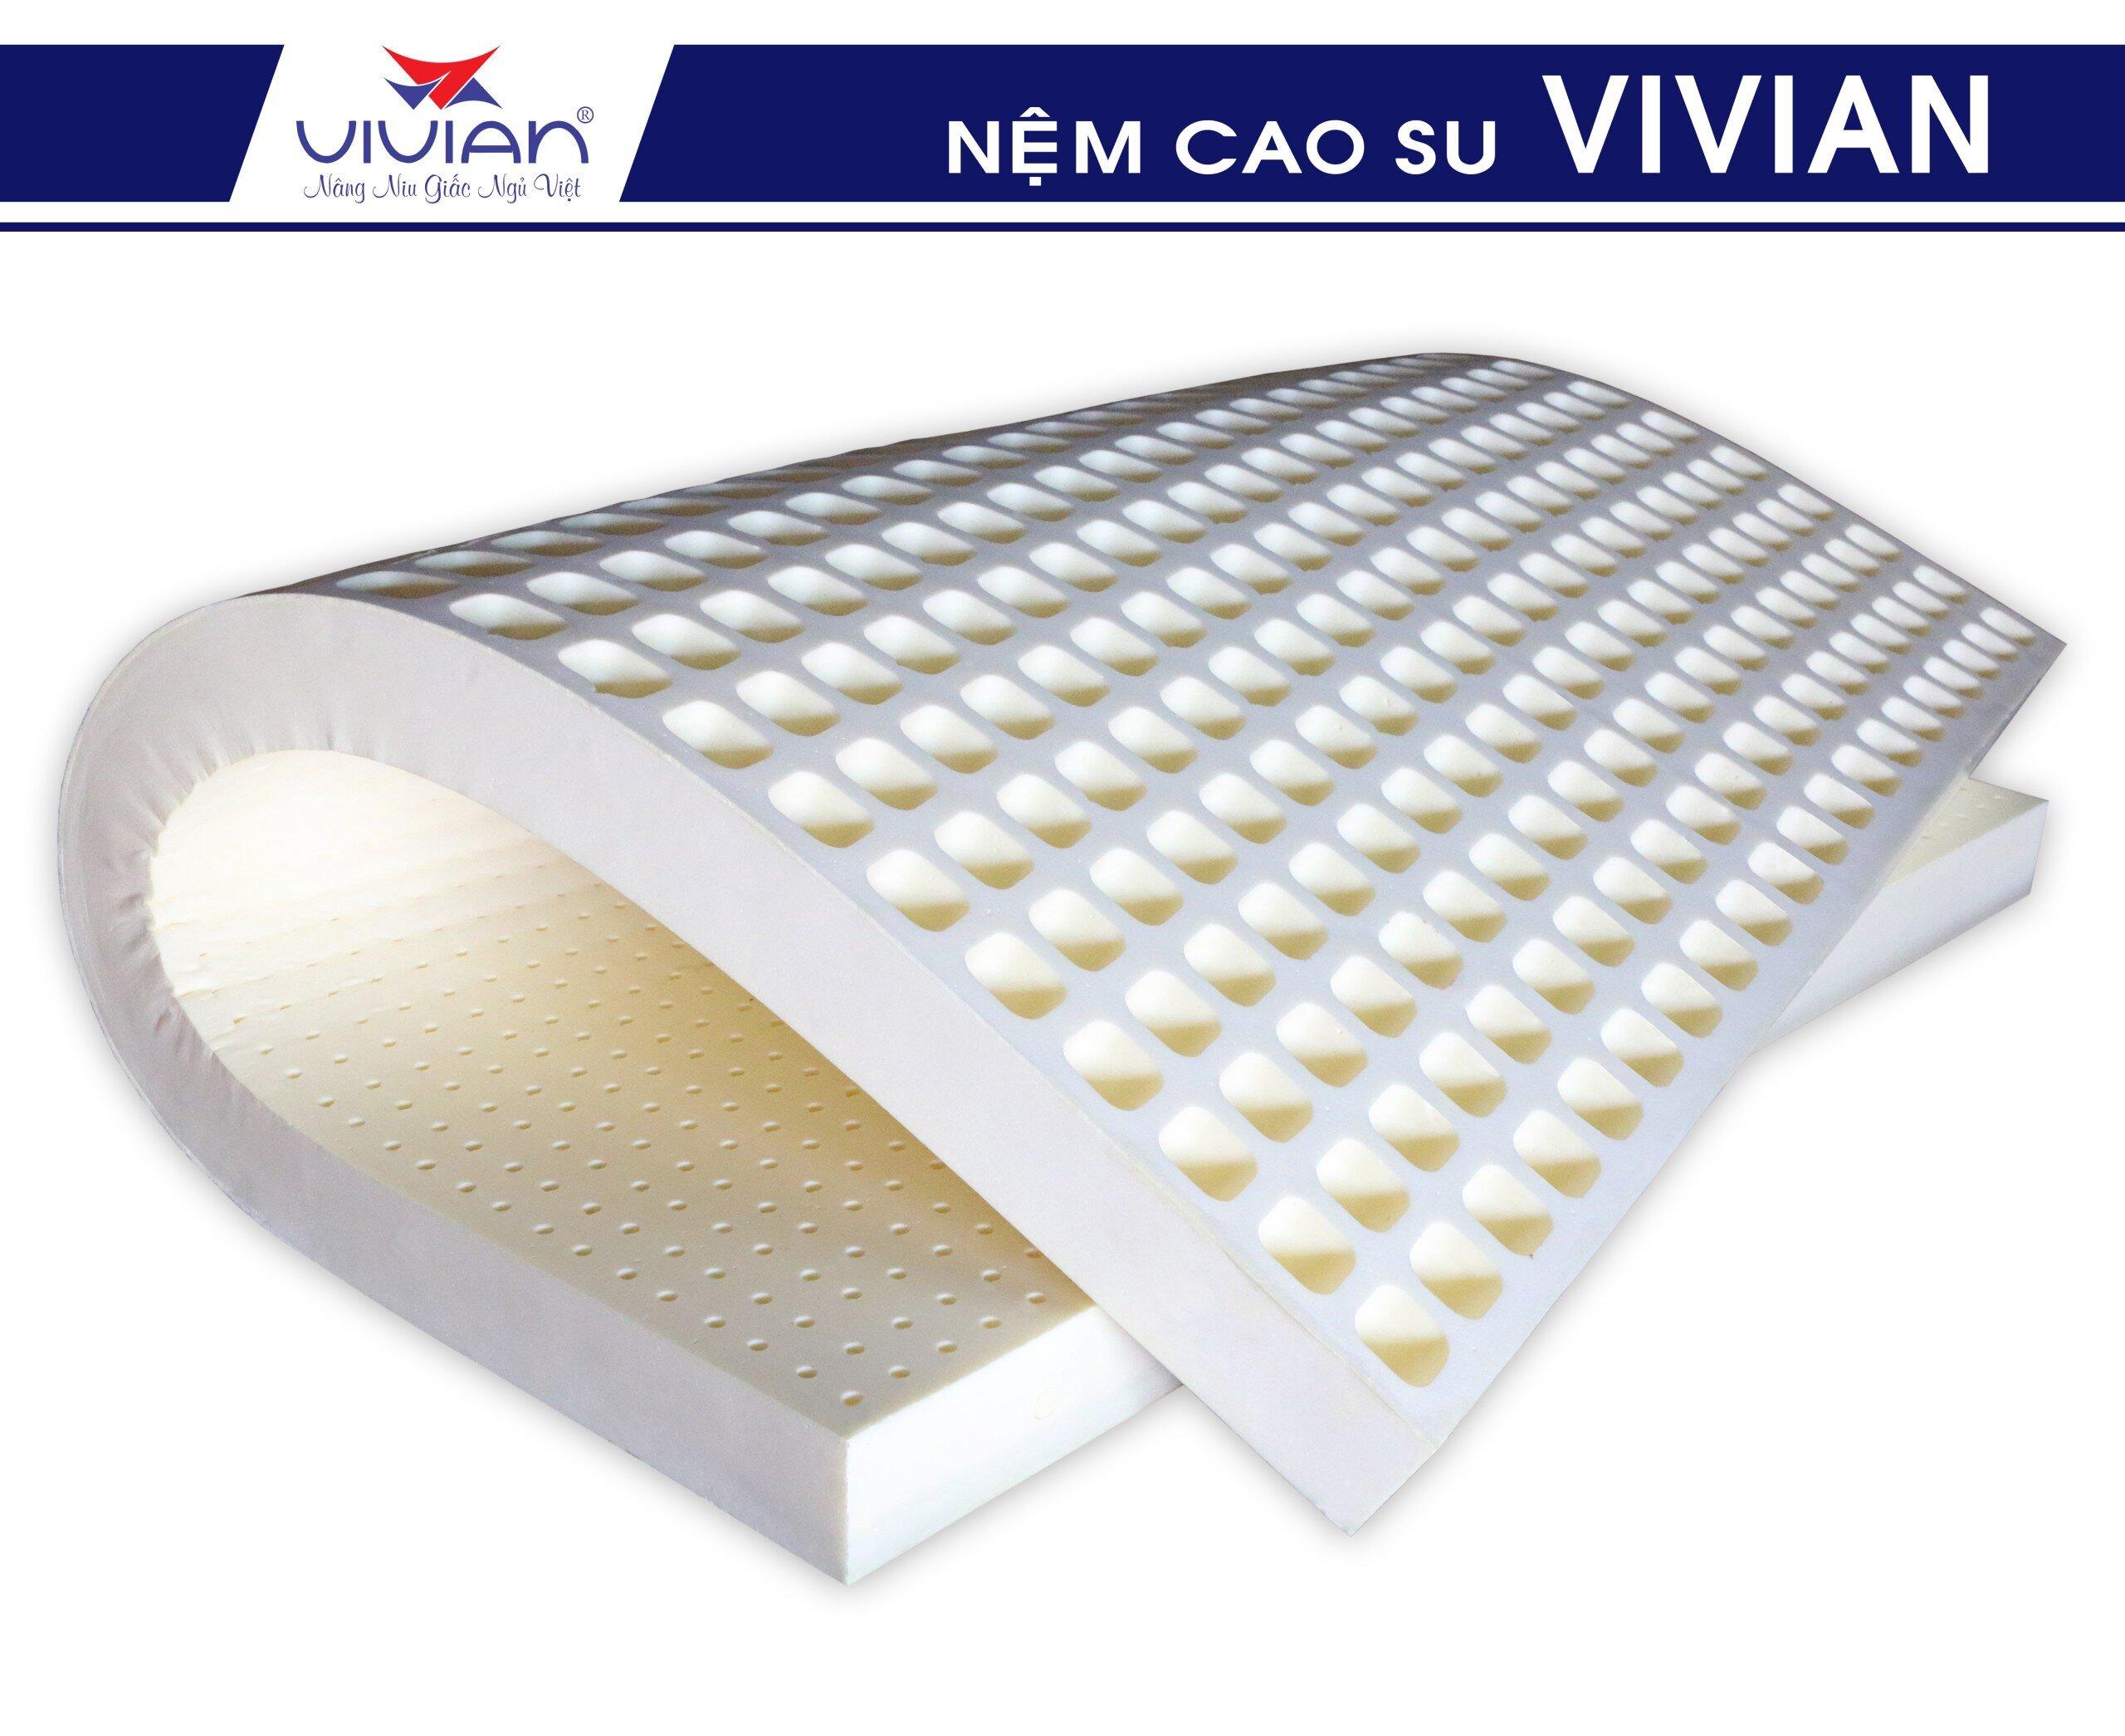 Nệm Vivian là hàng Việt Nam chất lượng cao